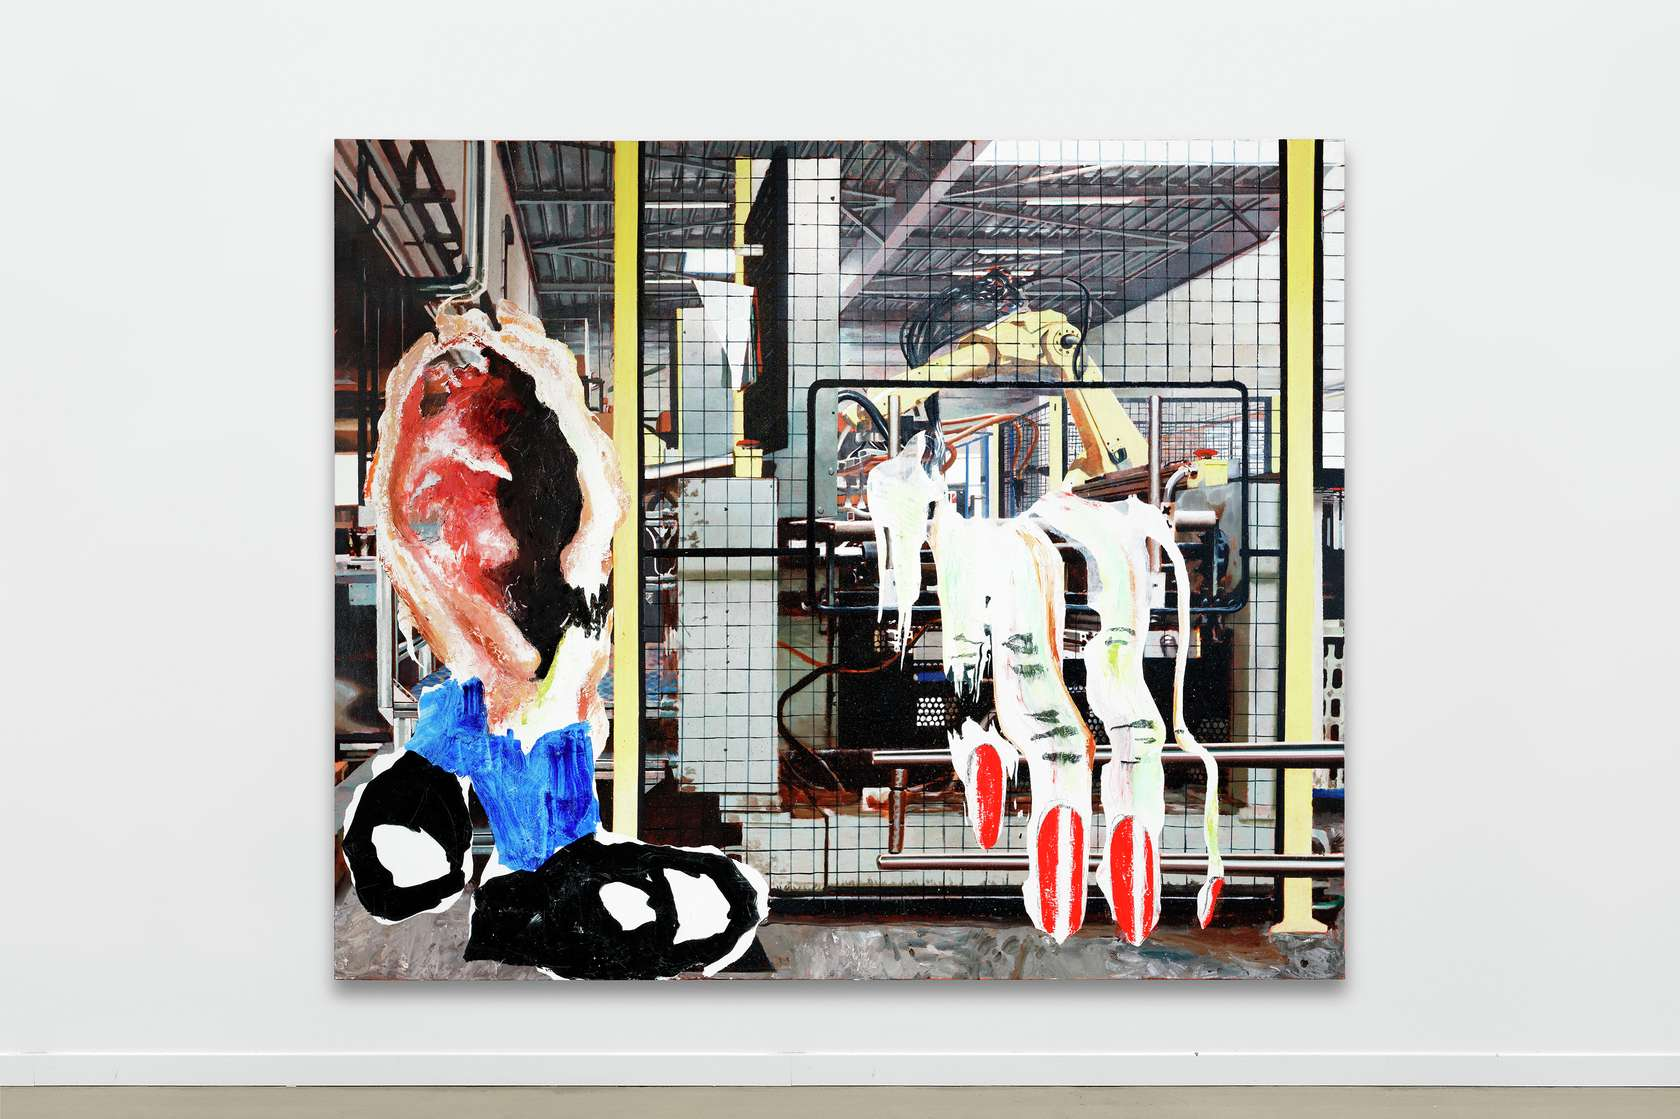 Laurent Proux, Oreille (accident), 2018 Huile sur toile240 × 200 cm / 94 1/2 × 78 6/8 in.